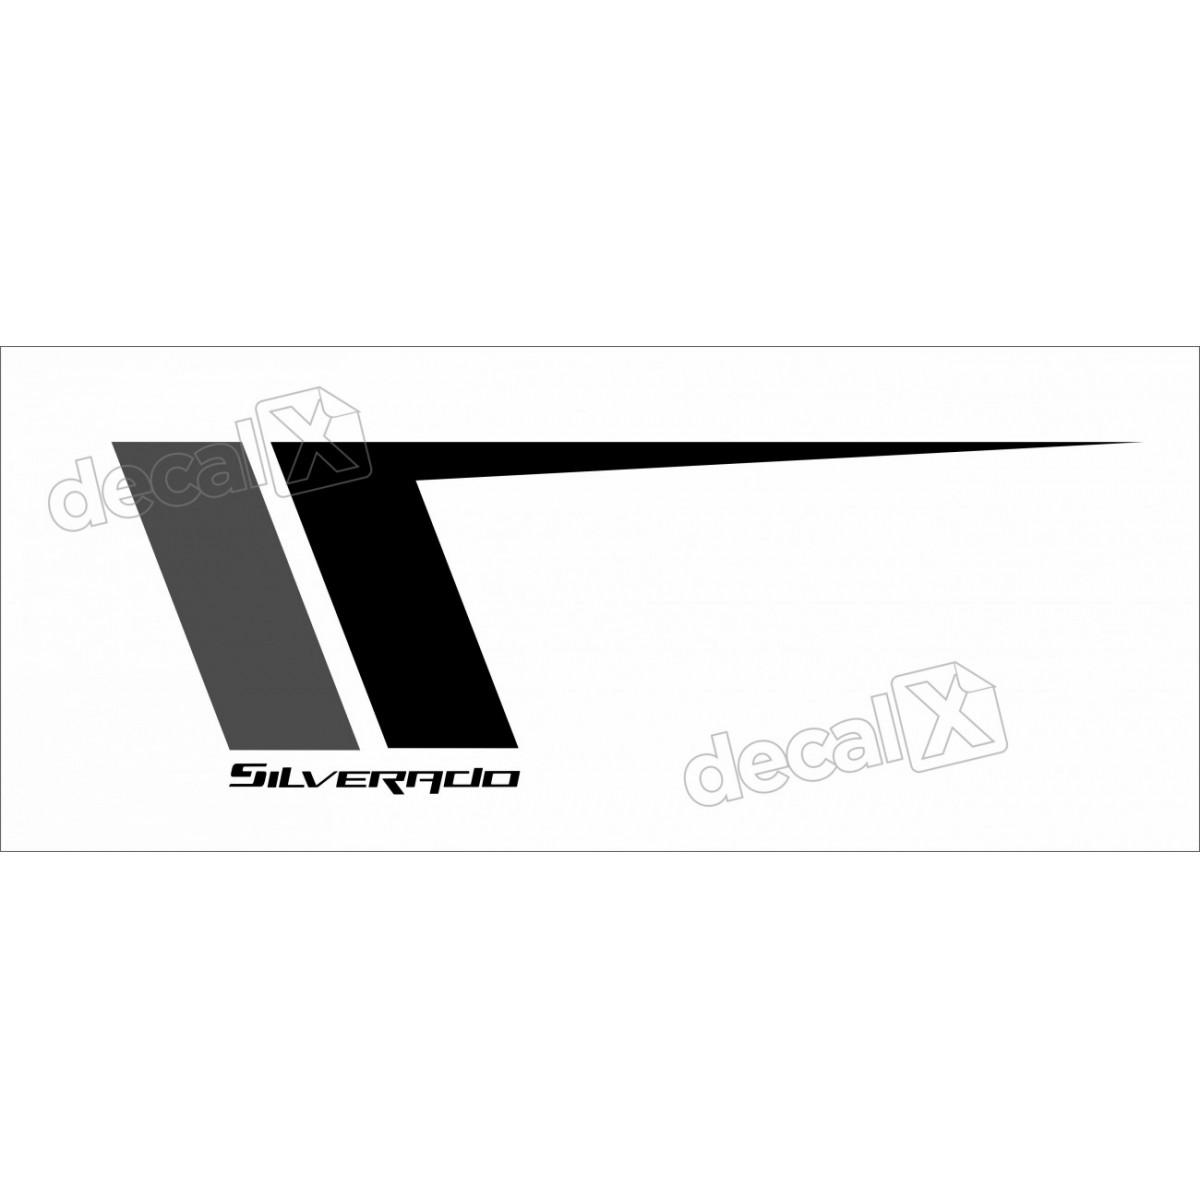 Kit Adesivos Porta Silverado Ctm532